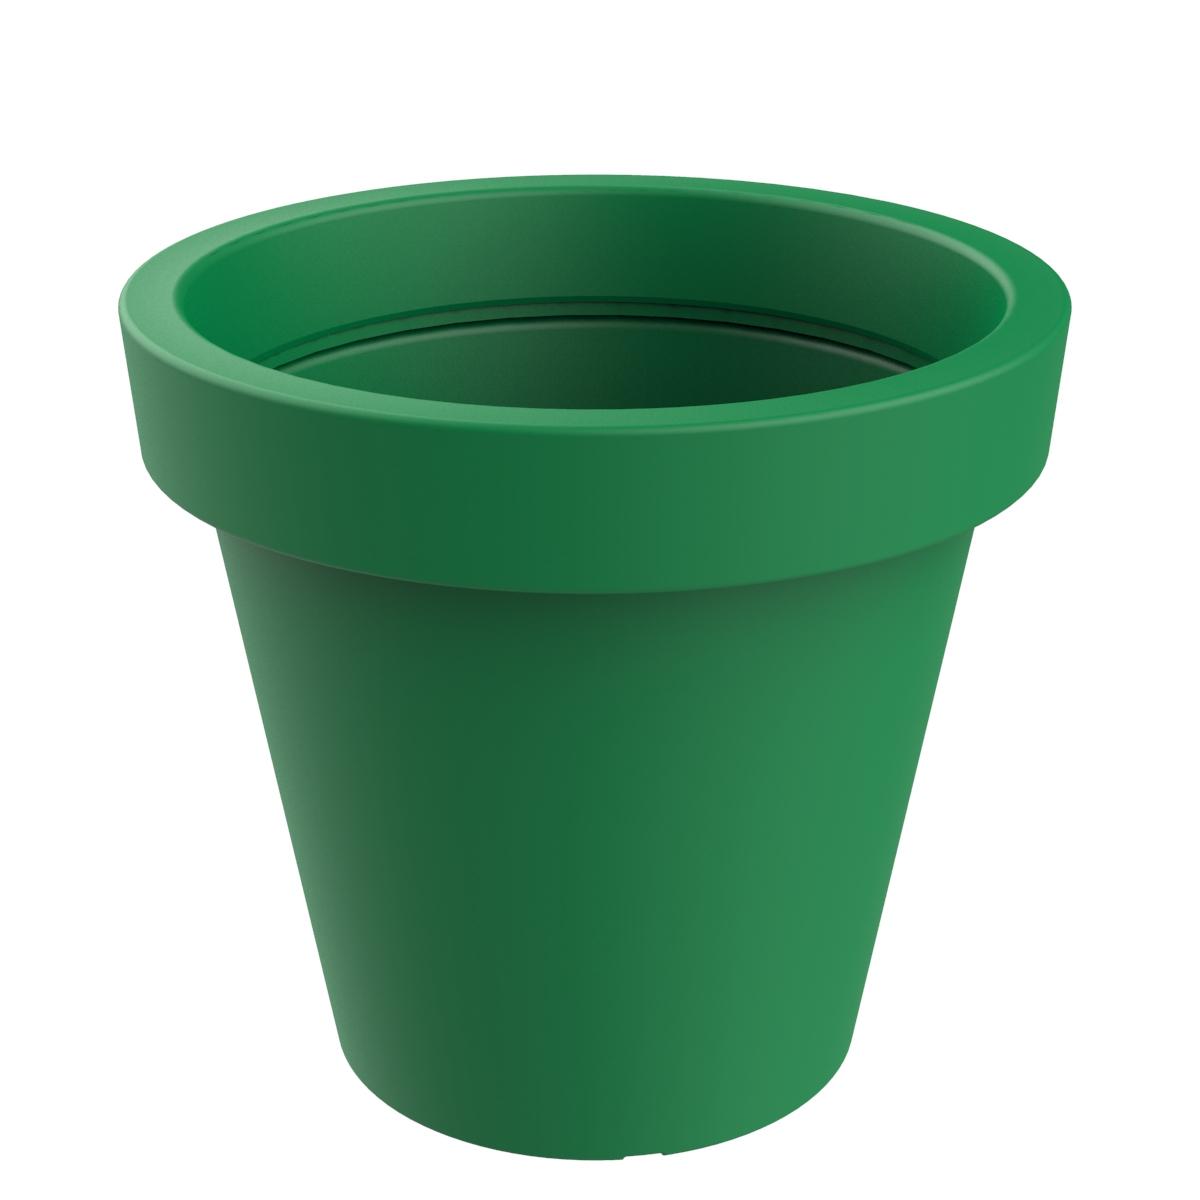 Alvium bloempot voor binnen en buiten - groen